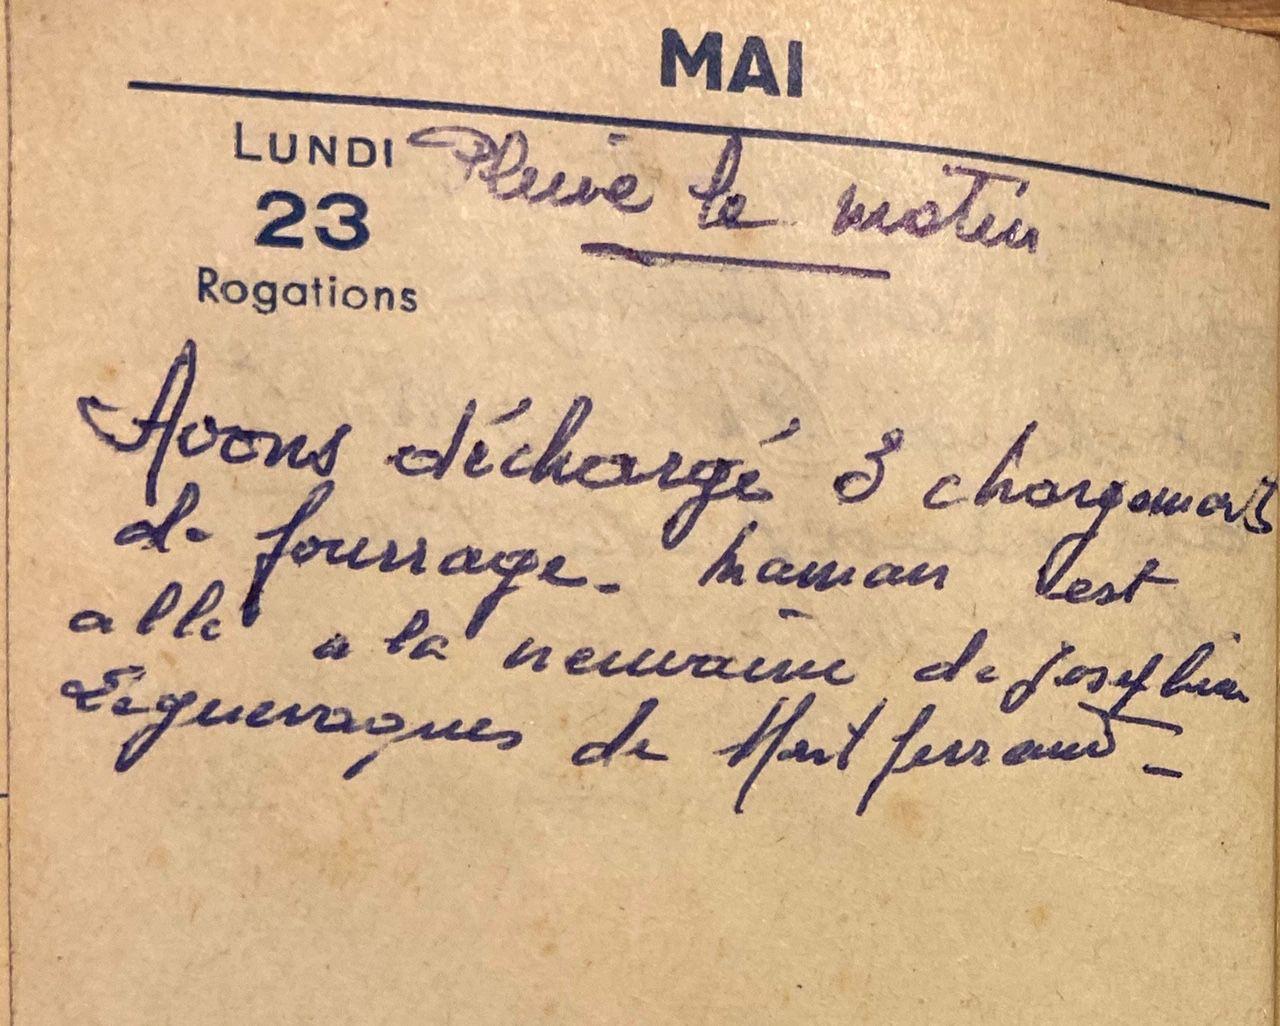 Lundi 23 mai 1960 - Les chargements et la neuvaine